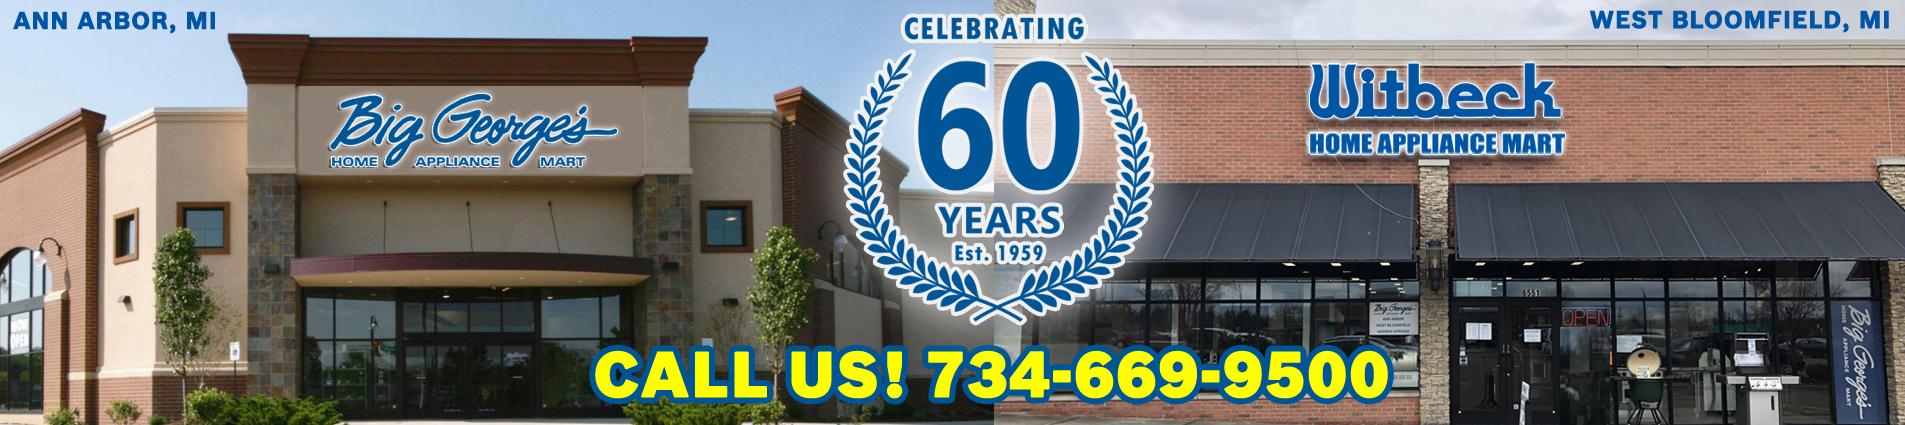 Call Us! 734-669-9500